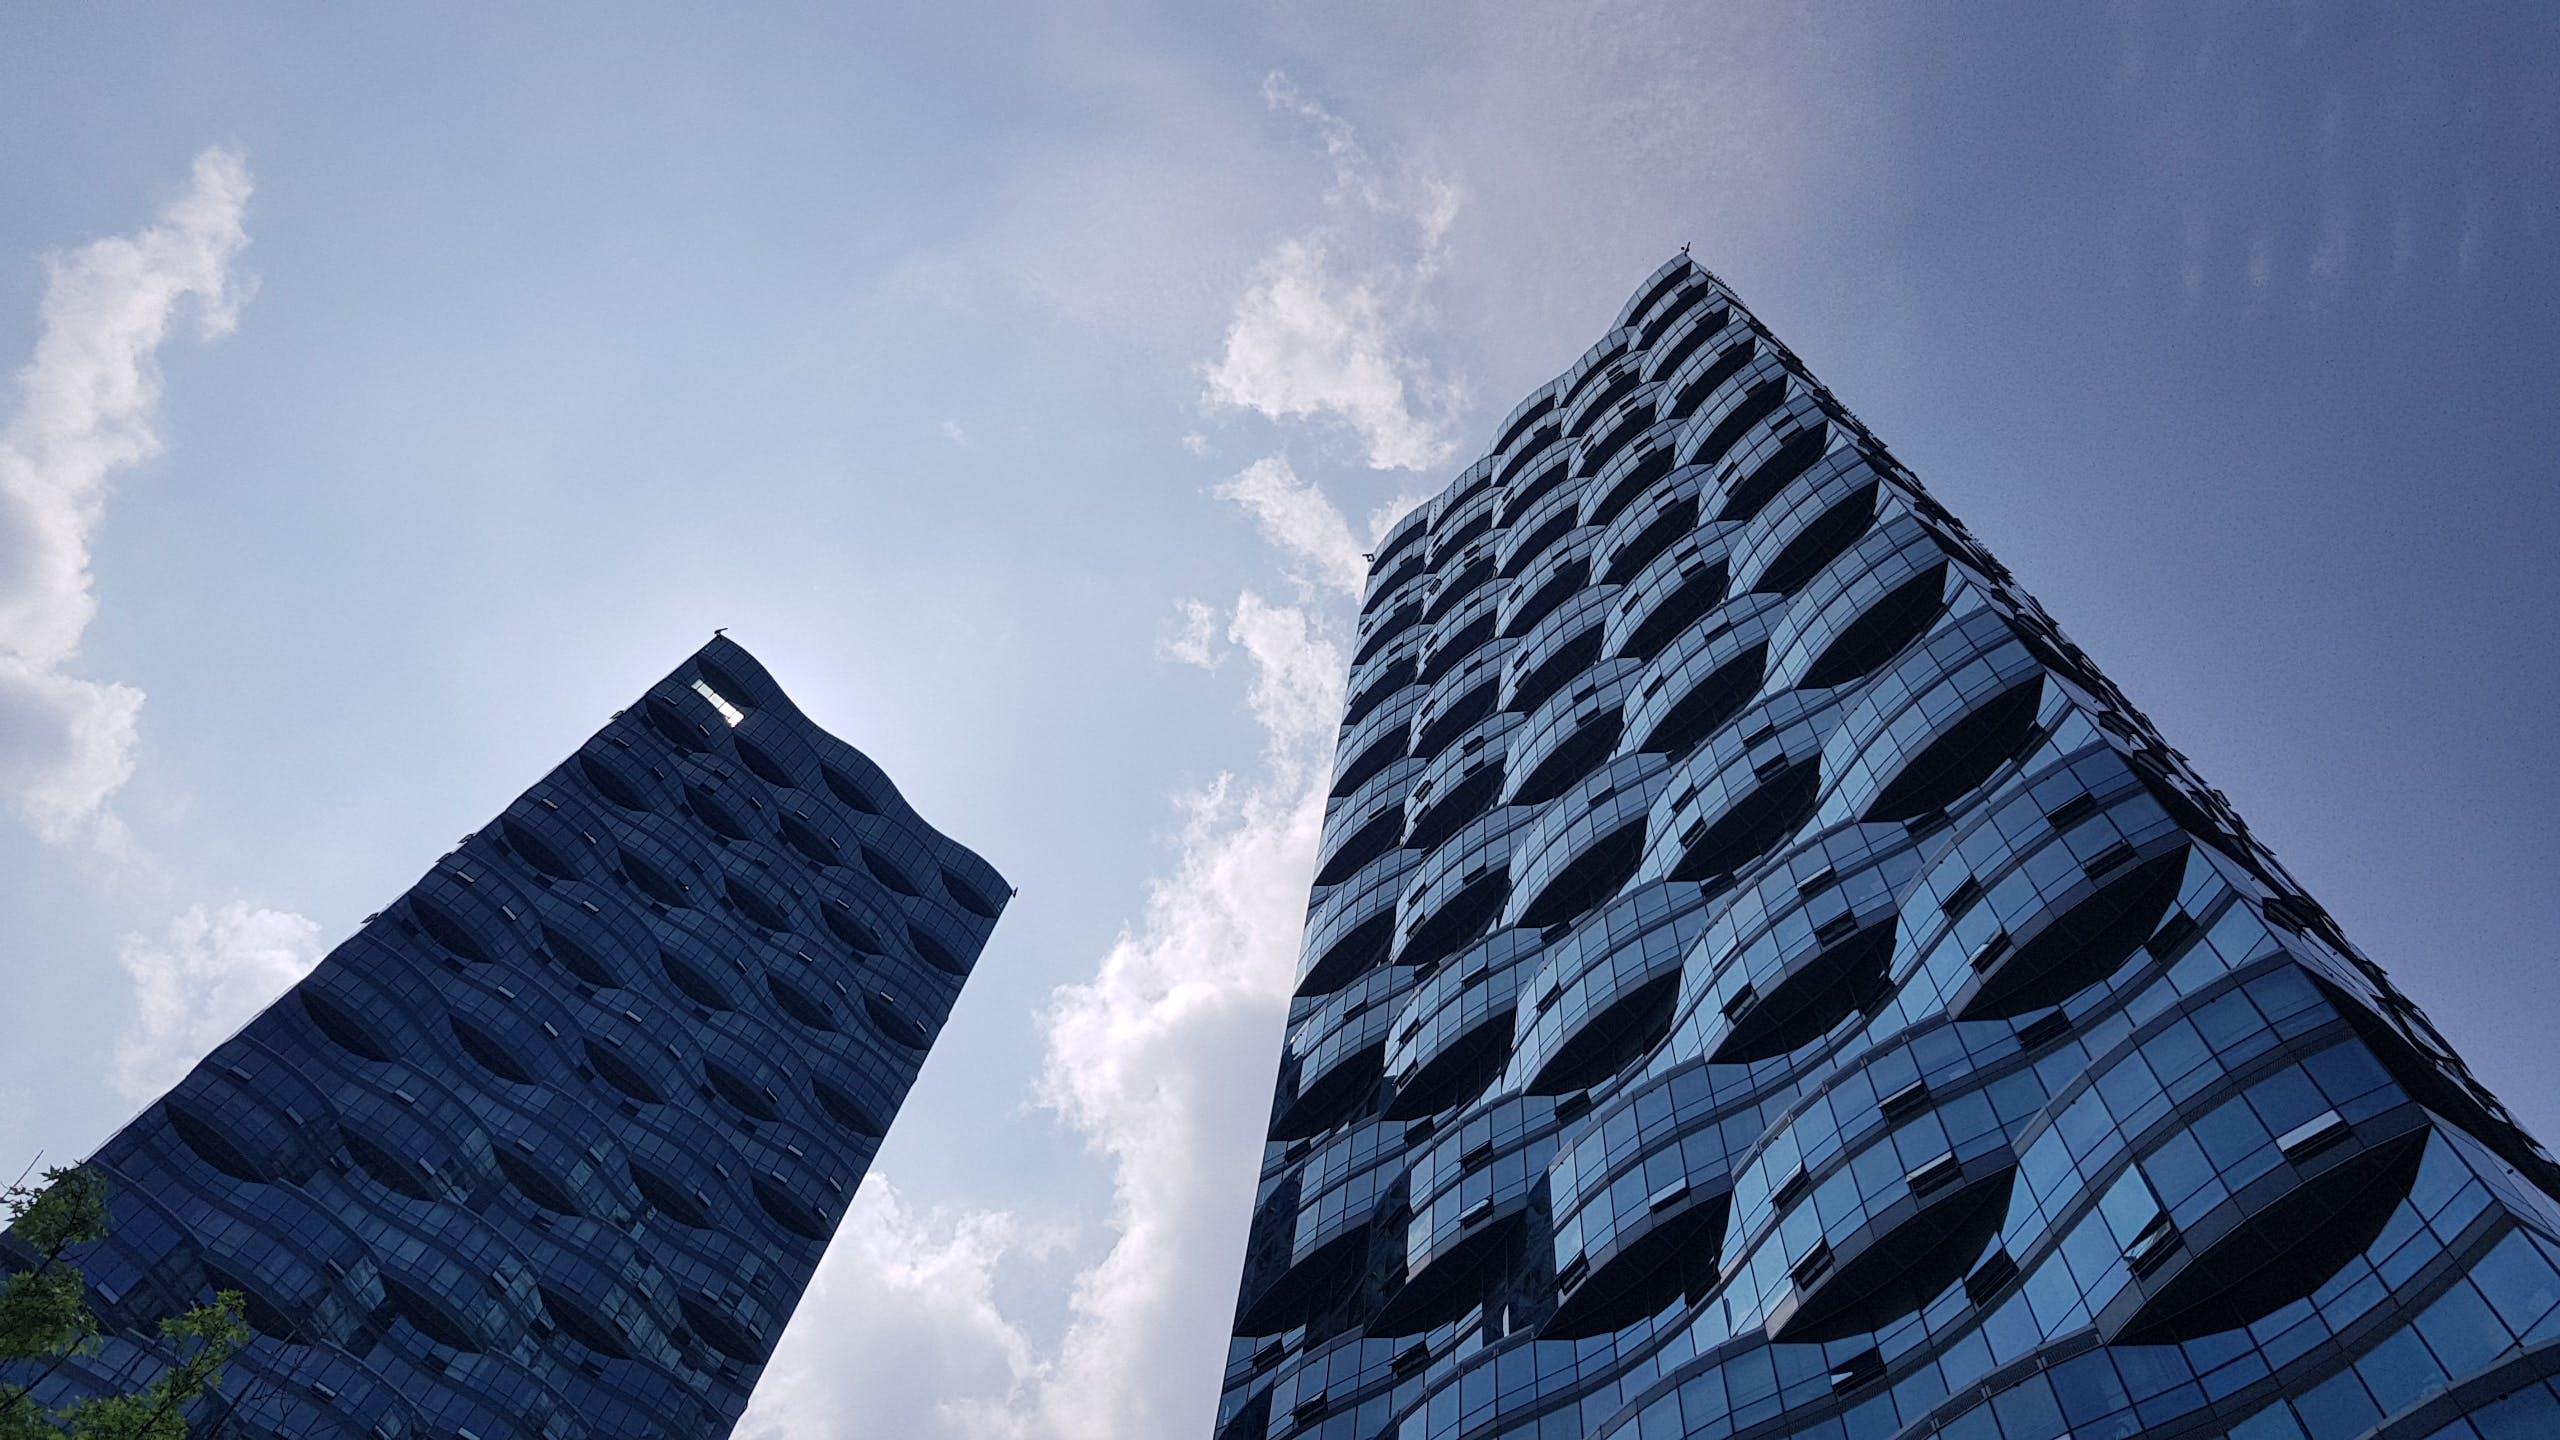 Kostenloses Stock Foto zu architektur, architekturdesign, aufnahme von unten, futuristisch